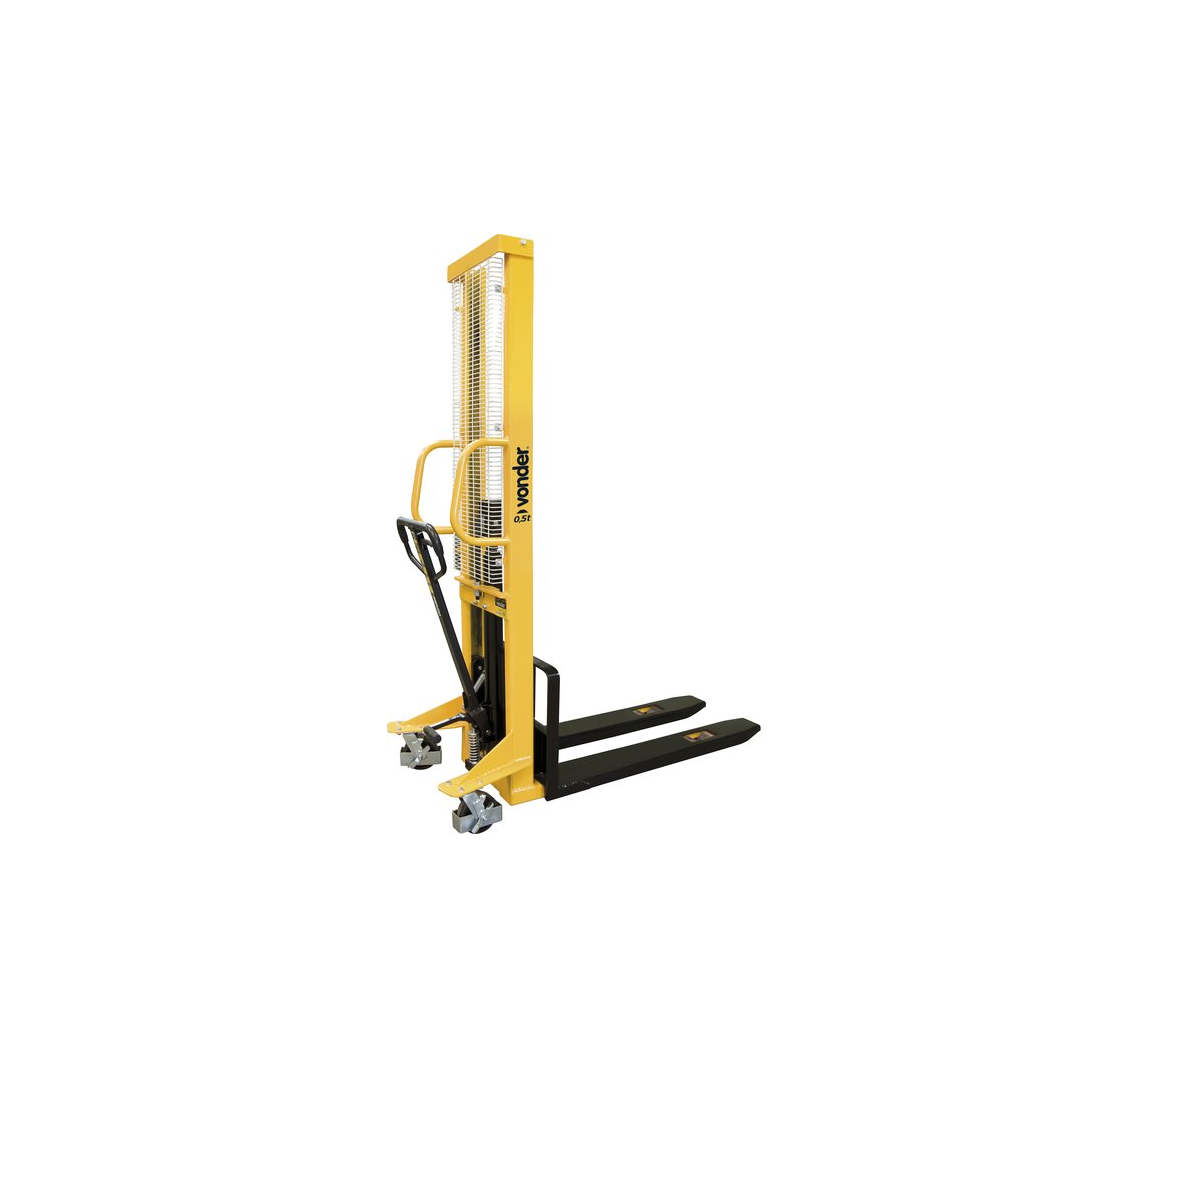 Empilhadeira manual garfo fixo 0,5 tonelada(0,5 tf) EM050 VONDER